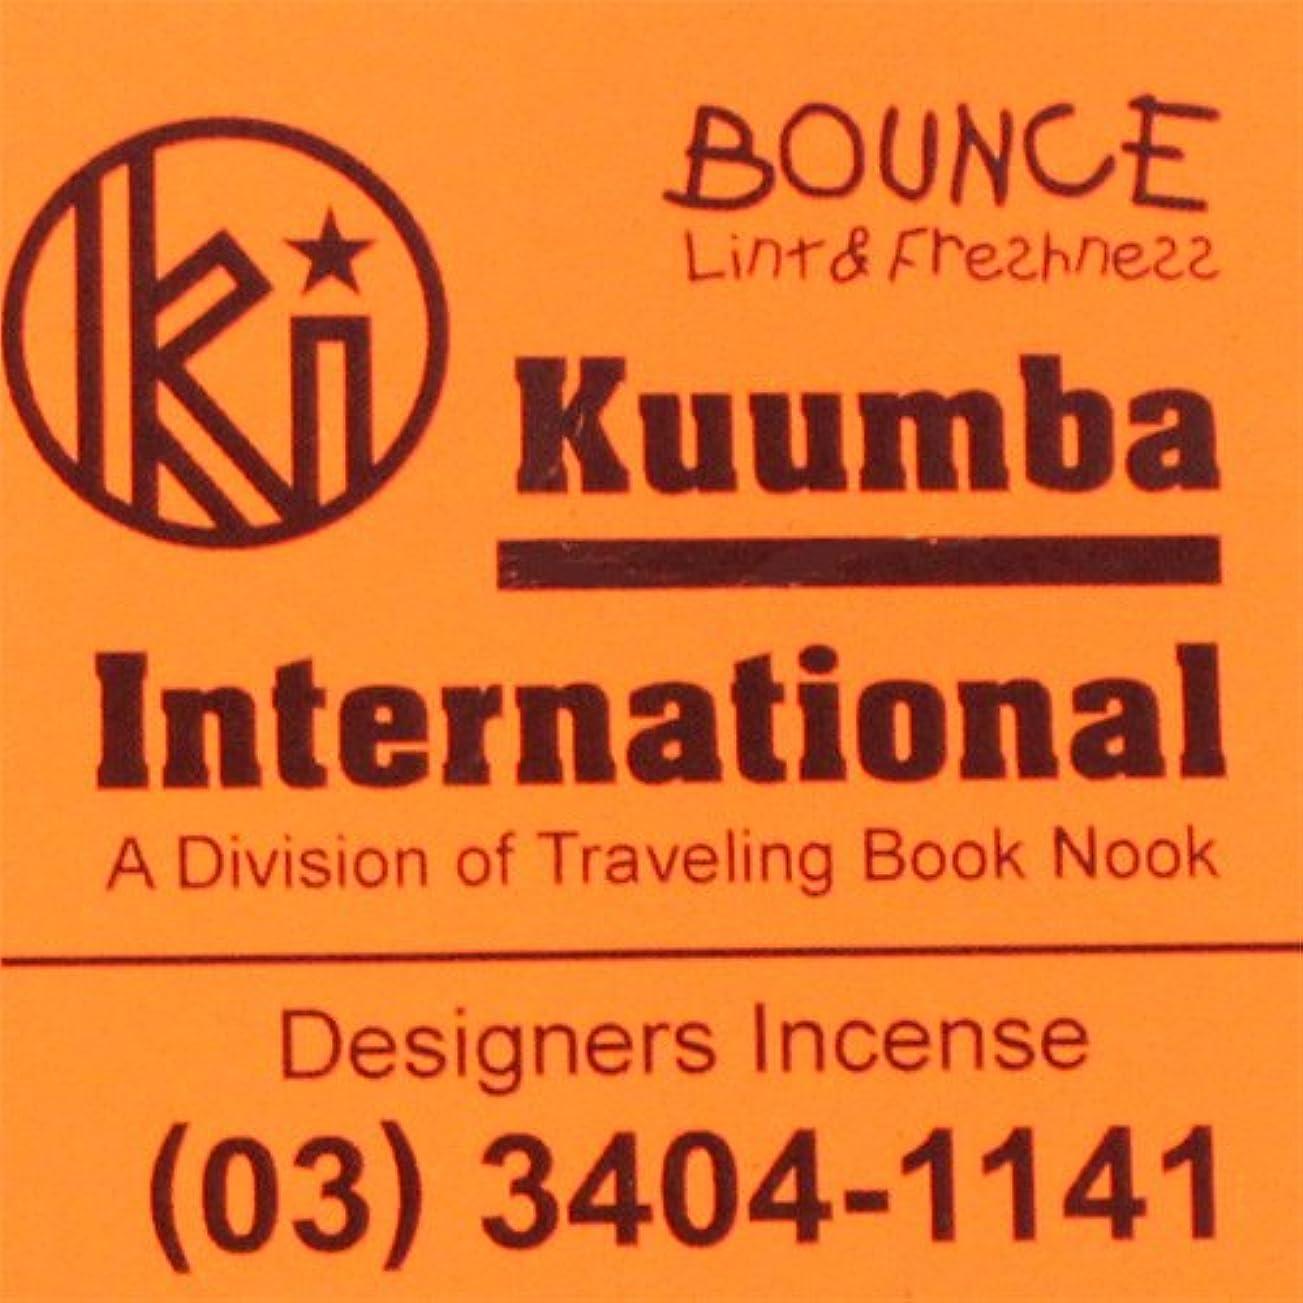 振動するを除く尊厳KUUMBA / クンバ『incense』(BOUNCE) (Regular size)